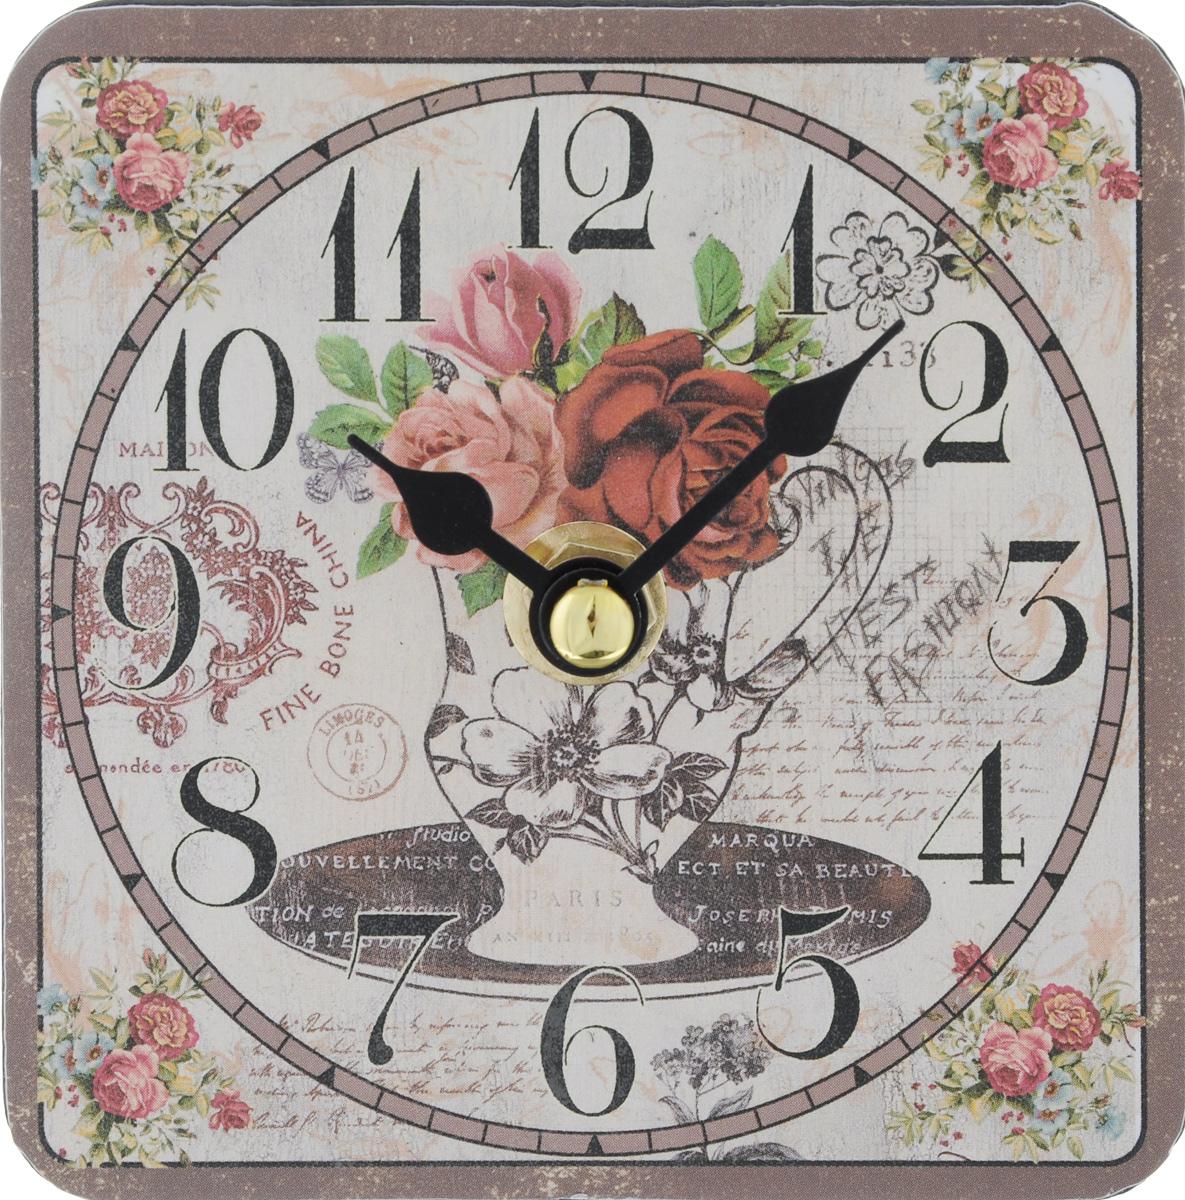 Часы настольные Феникс-Презент Ваза с цветами, 10 х 10 см94672Настольные часы квадратной формы Феникс-Презент Ваза с цветами своим эксклюзивным дизайном подчеркнут оригинальность интерьера вашего дома. Циферблат оформлен изображением вазы с цветами. Часы выполнены из МДФ. МДФ (мелкодисперсные фракции) представляет собой плиту из запрессованной вакуумным способом деревянной пыли и является наиболее экологически чистым материалом среди себе подобных. Часы имеют две стрелки - часовую и минутную.Настольные часы Феникс-Презент Ваза с цветами подходят для кухни, гостиной, прихожей или дачи, а также могут стать отличным подарком для друзей и близких.ВНИМАНИЕ!!! Часы работают от сменной батареи типа АА 1,5V (в комплект не входит).